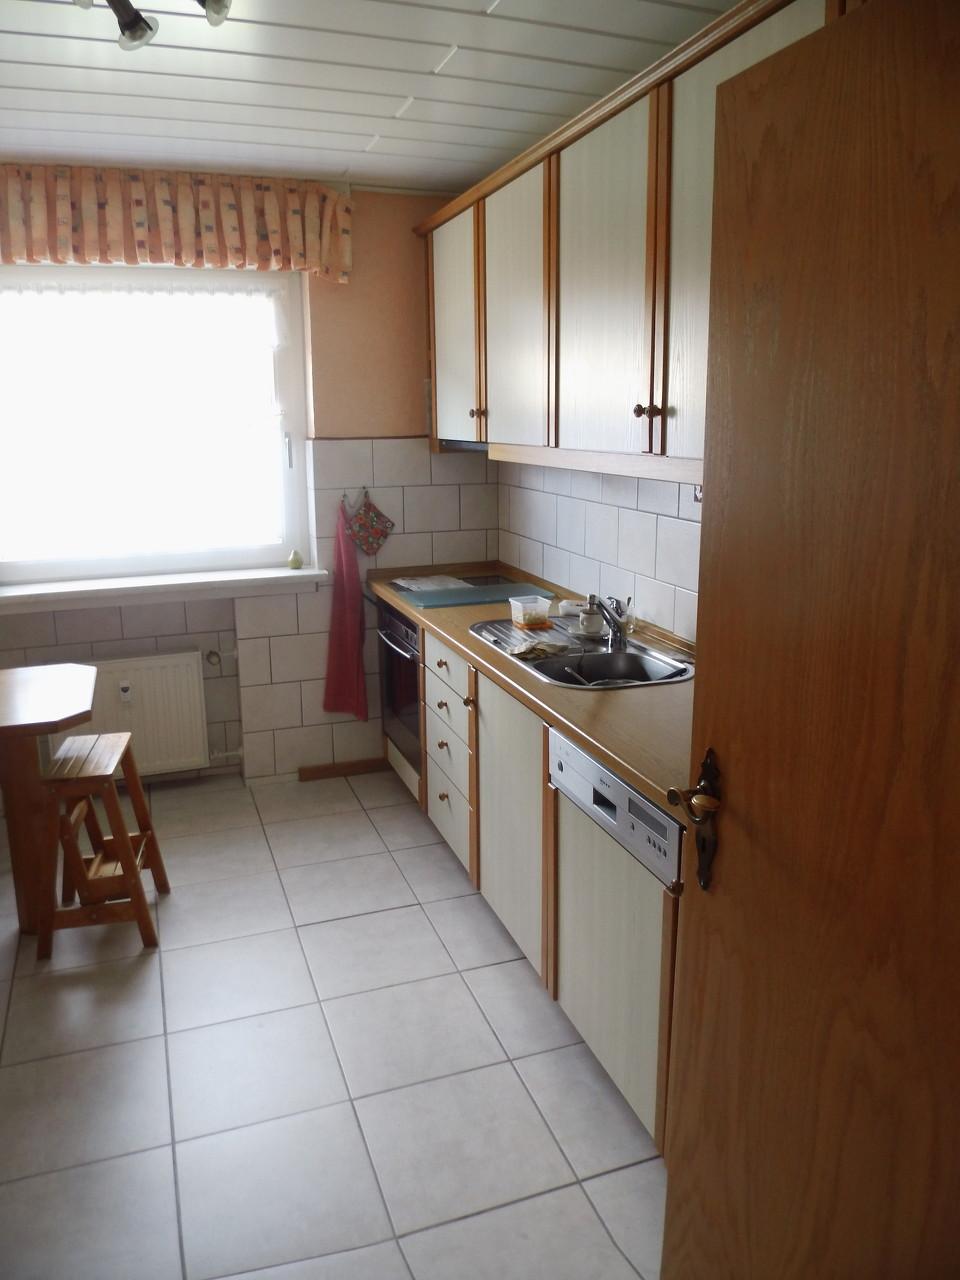 schöne kleine Küche in der Eigentumswohnung